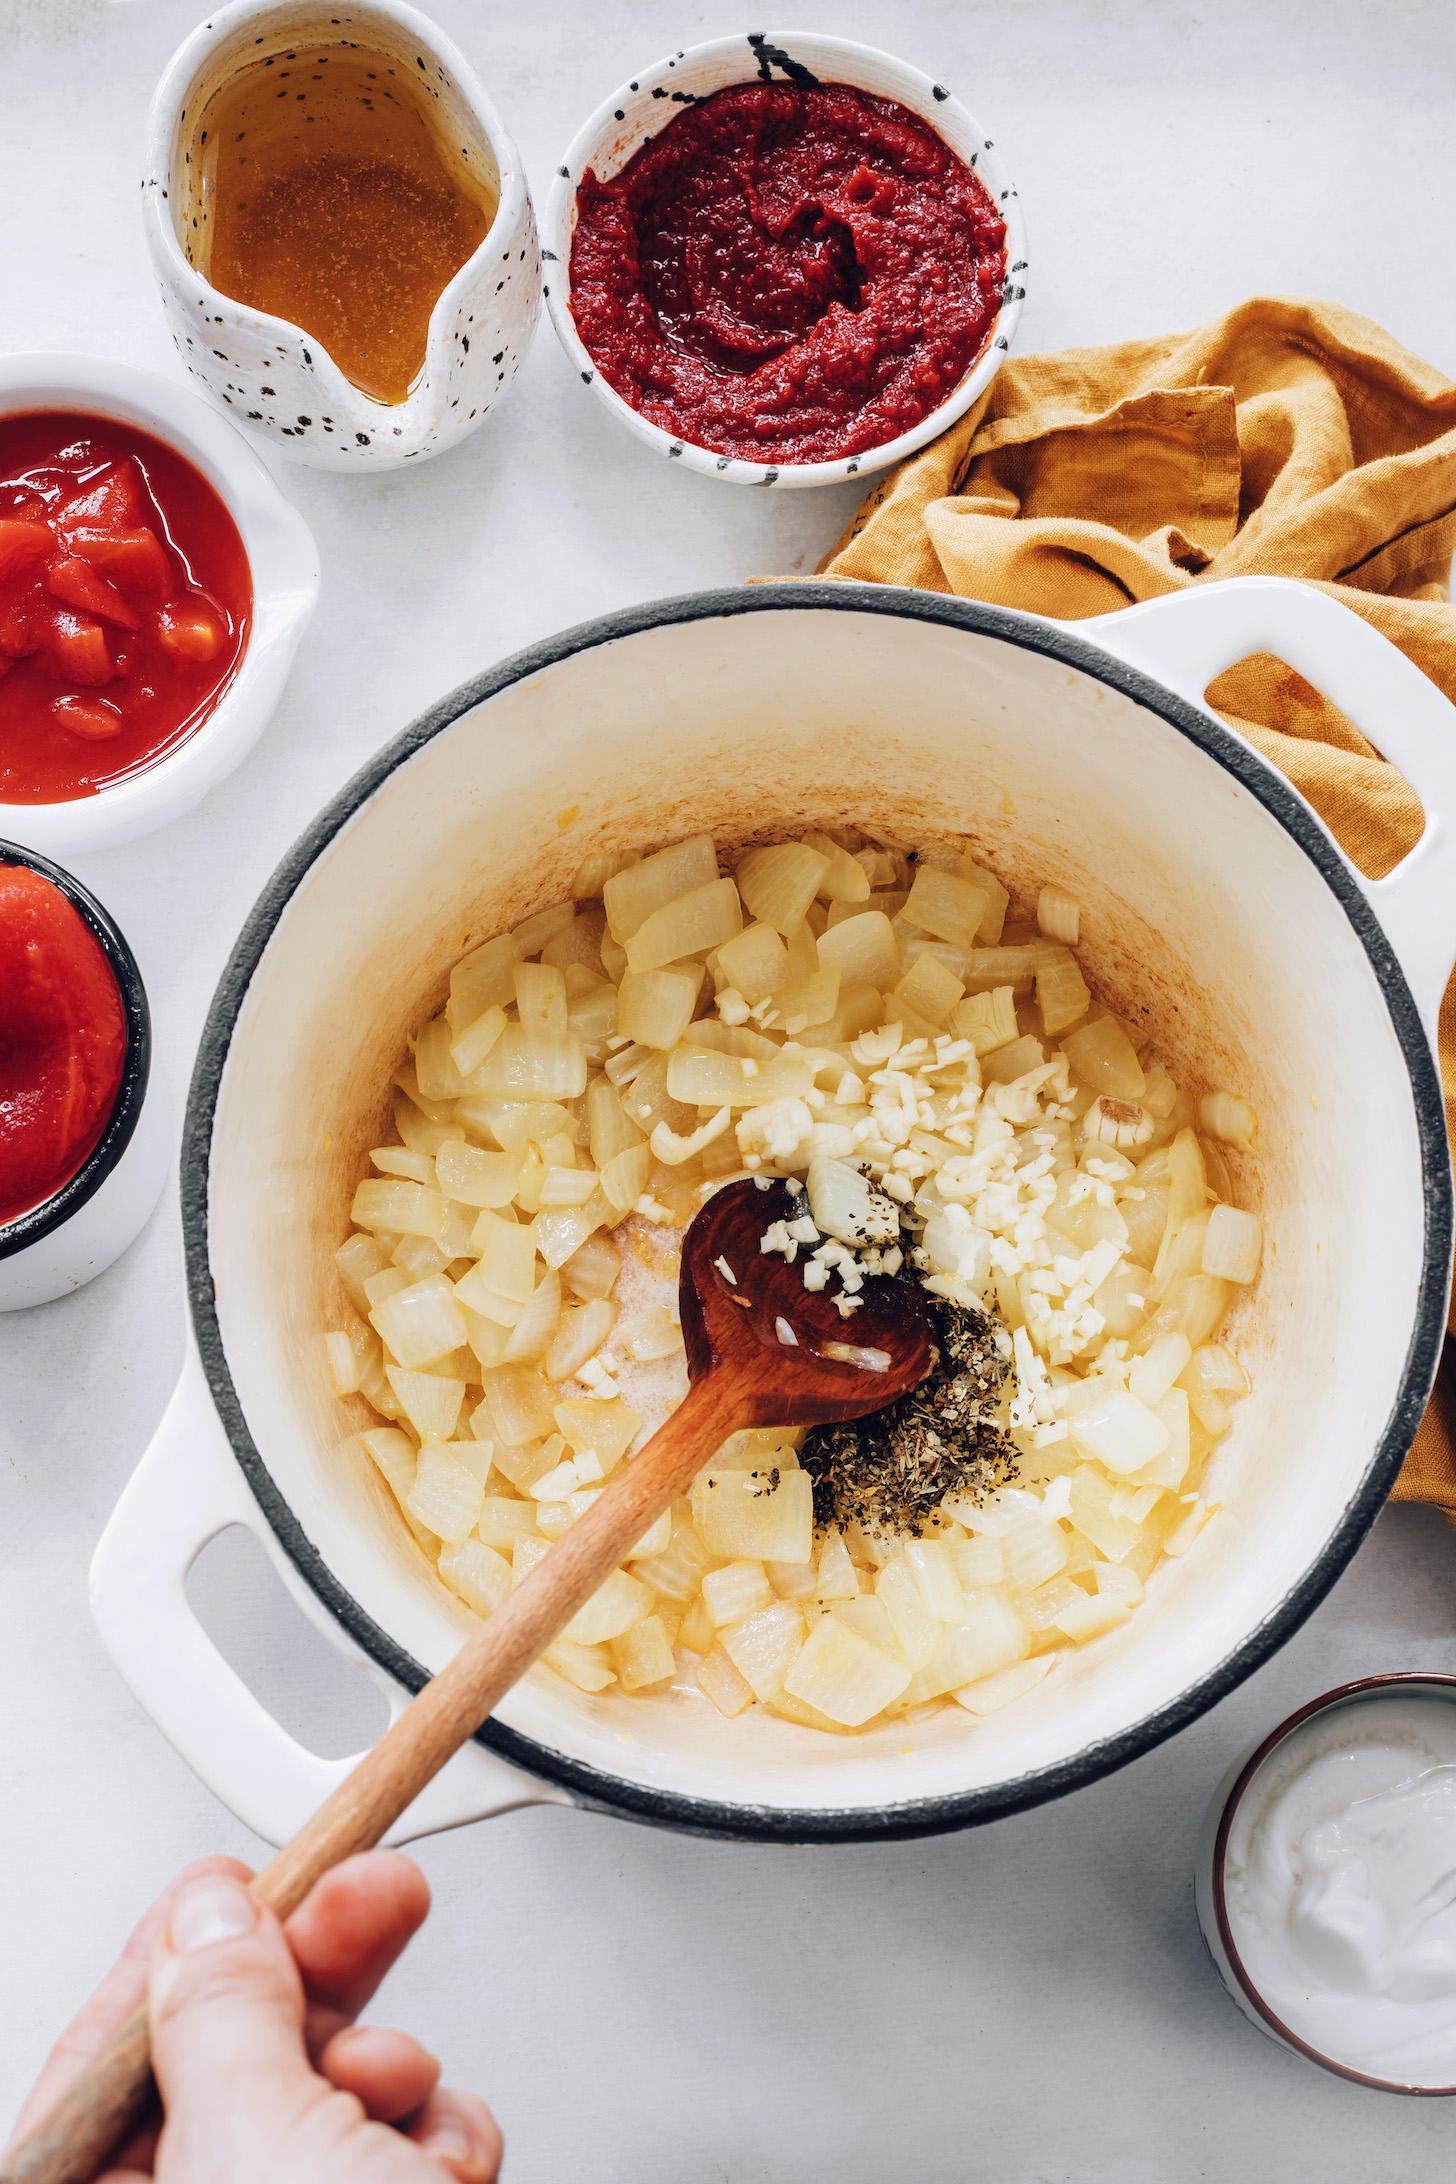 Domates, salça ve sebze suyunun yanında bir tencerede sotelenmiş soğan ve sarımsak